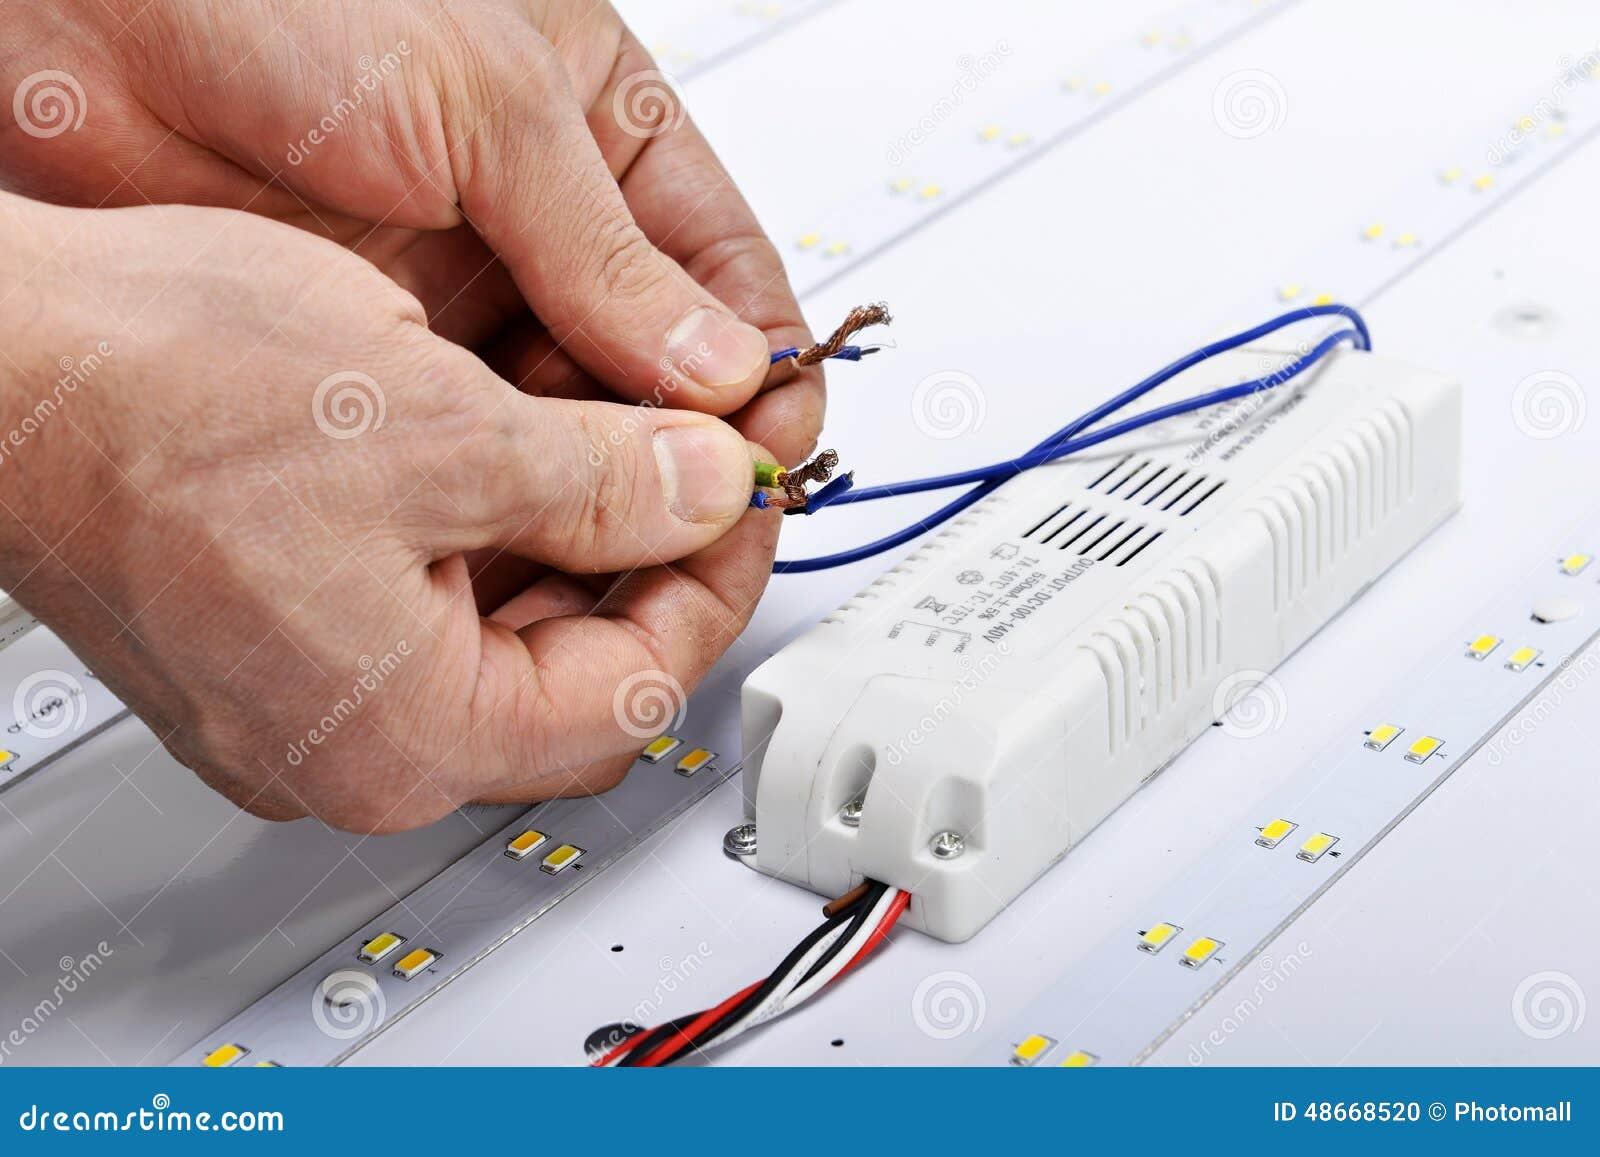 As mãos do eletricista conectam fios da lâmpada conduzida